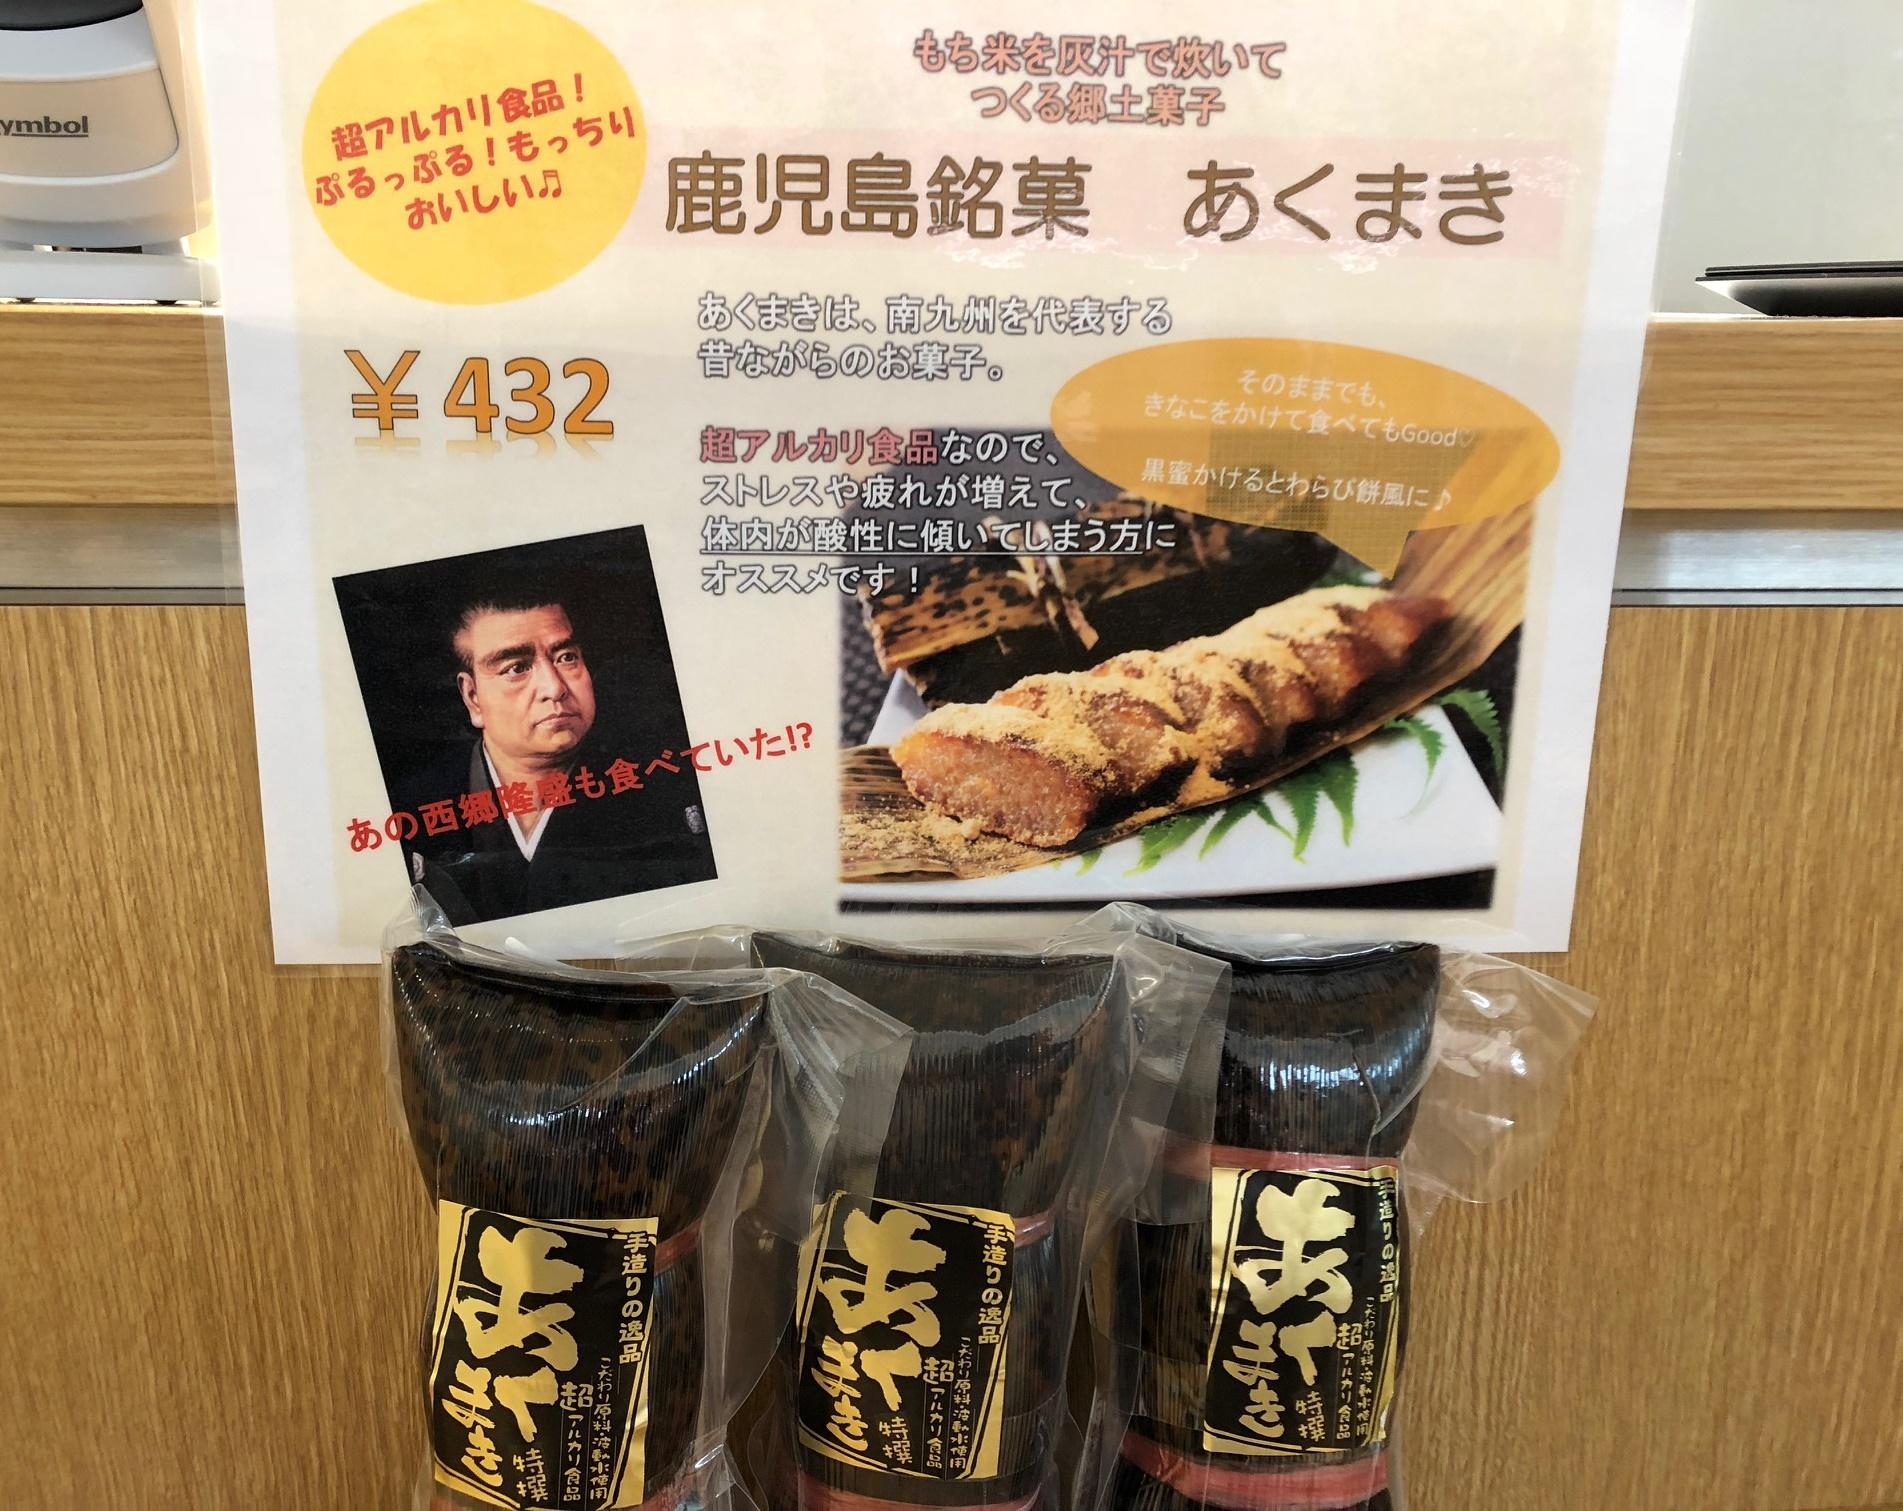 鹿児島特産【あくまき】数量限定入荷!